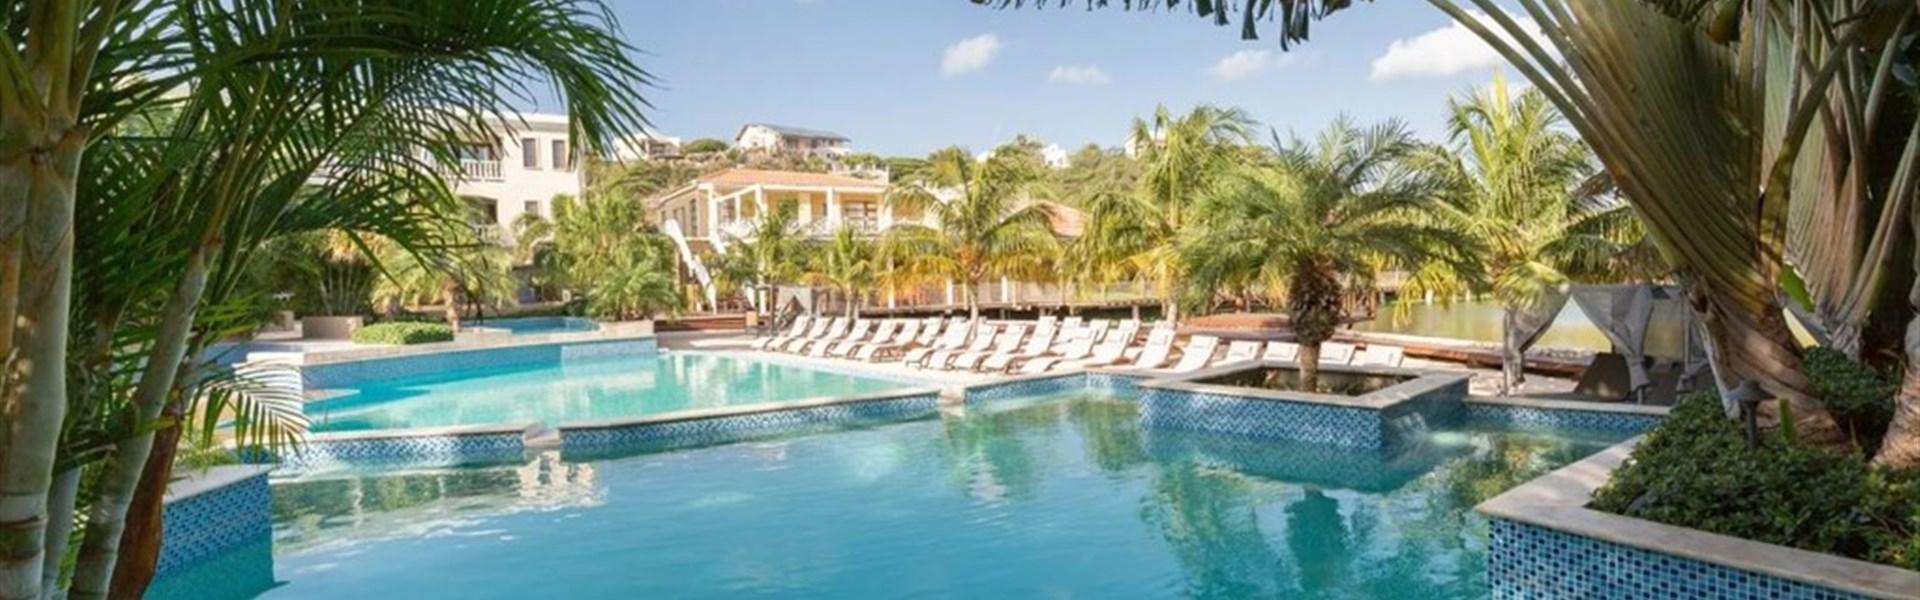 Acoya Curacao Resort, Villas & Spa -